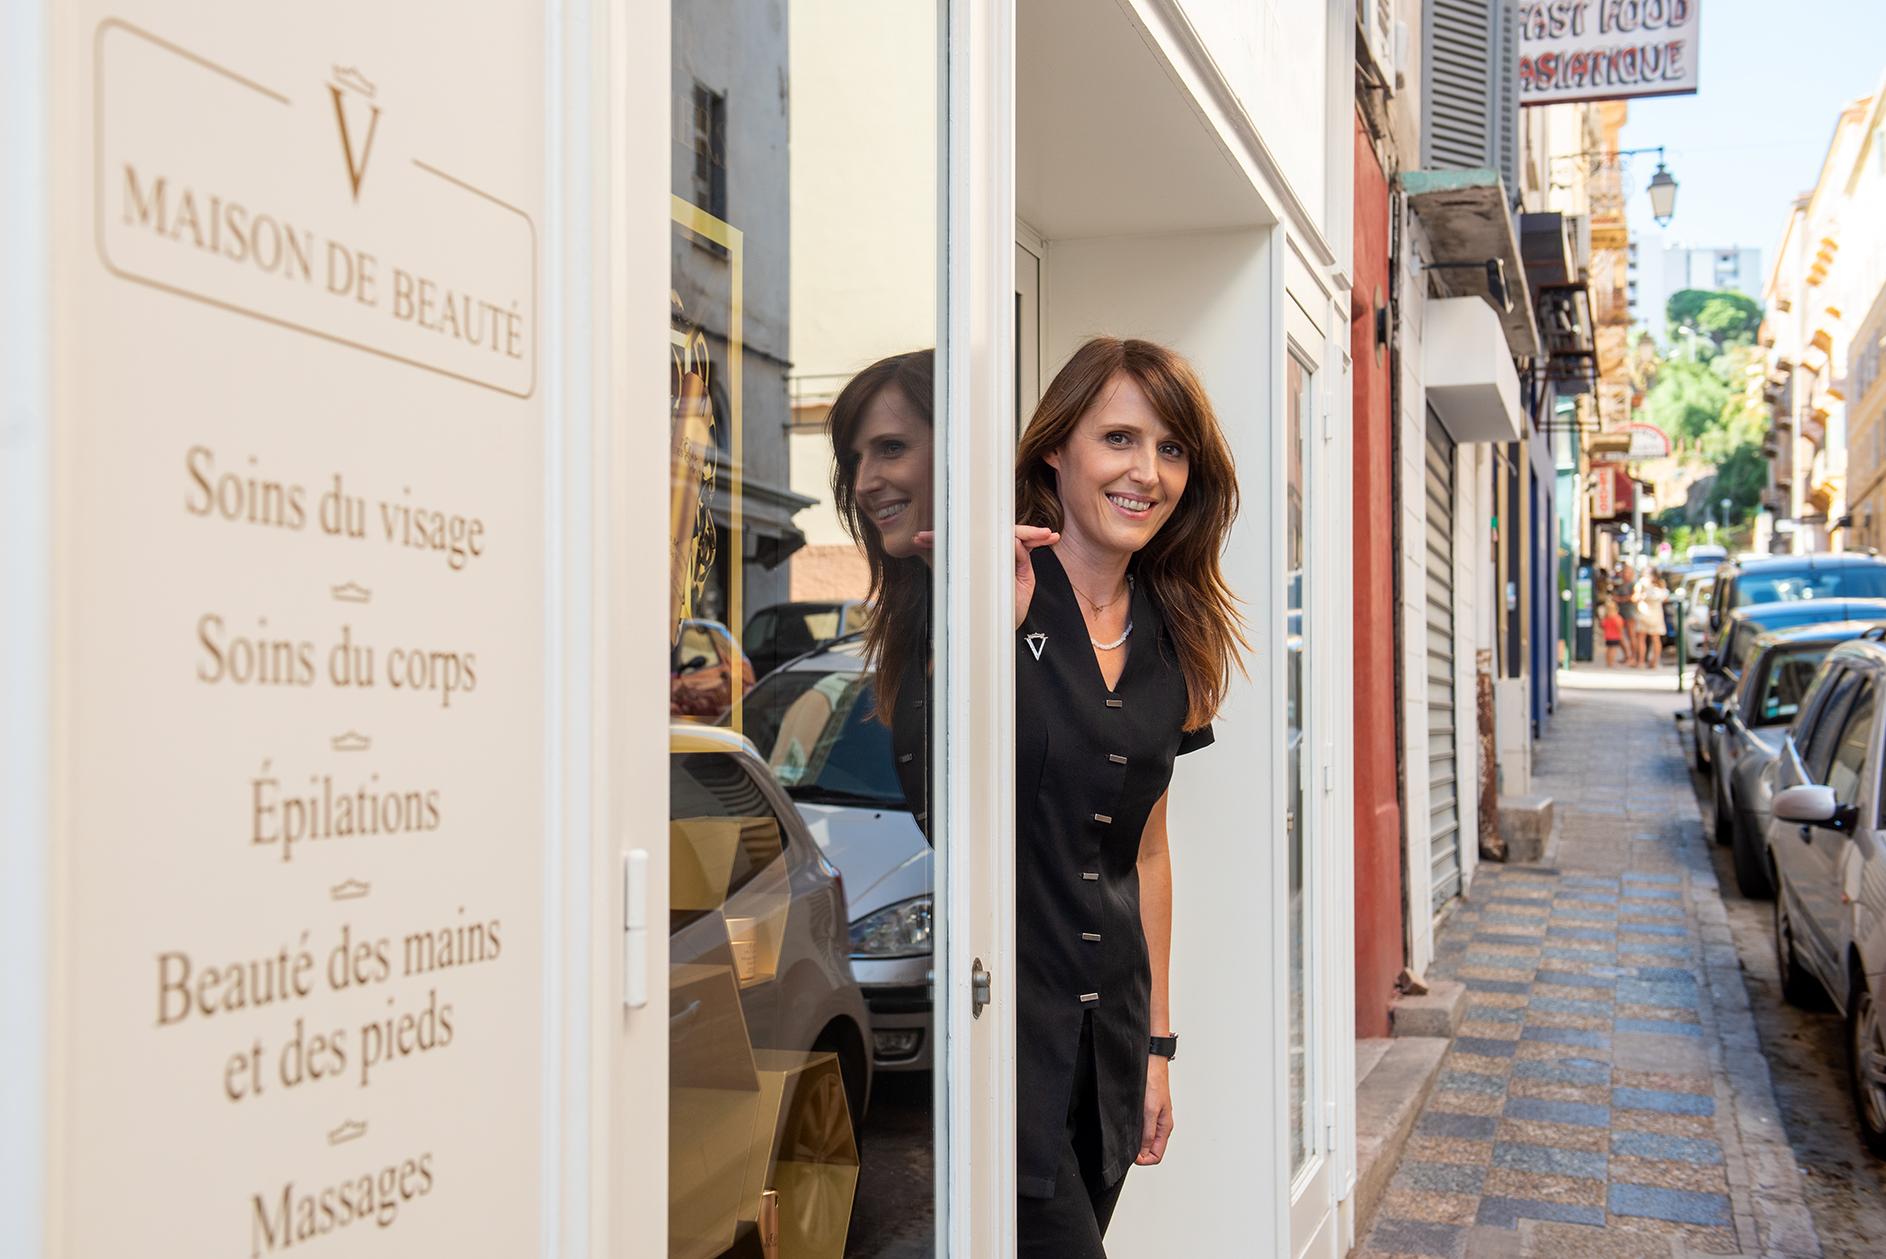 Au 2 de la rue Maréchal Ornano, Céline Chanrion a ouvert la Maison Valmont (Photo Ville d'Ajaccio).